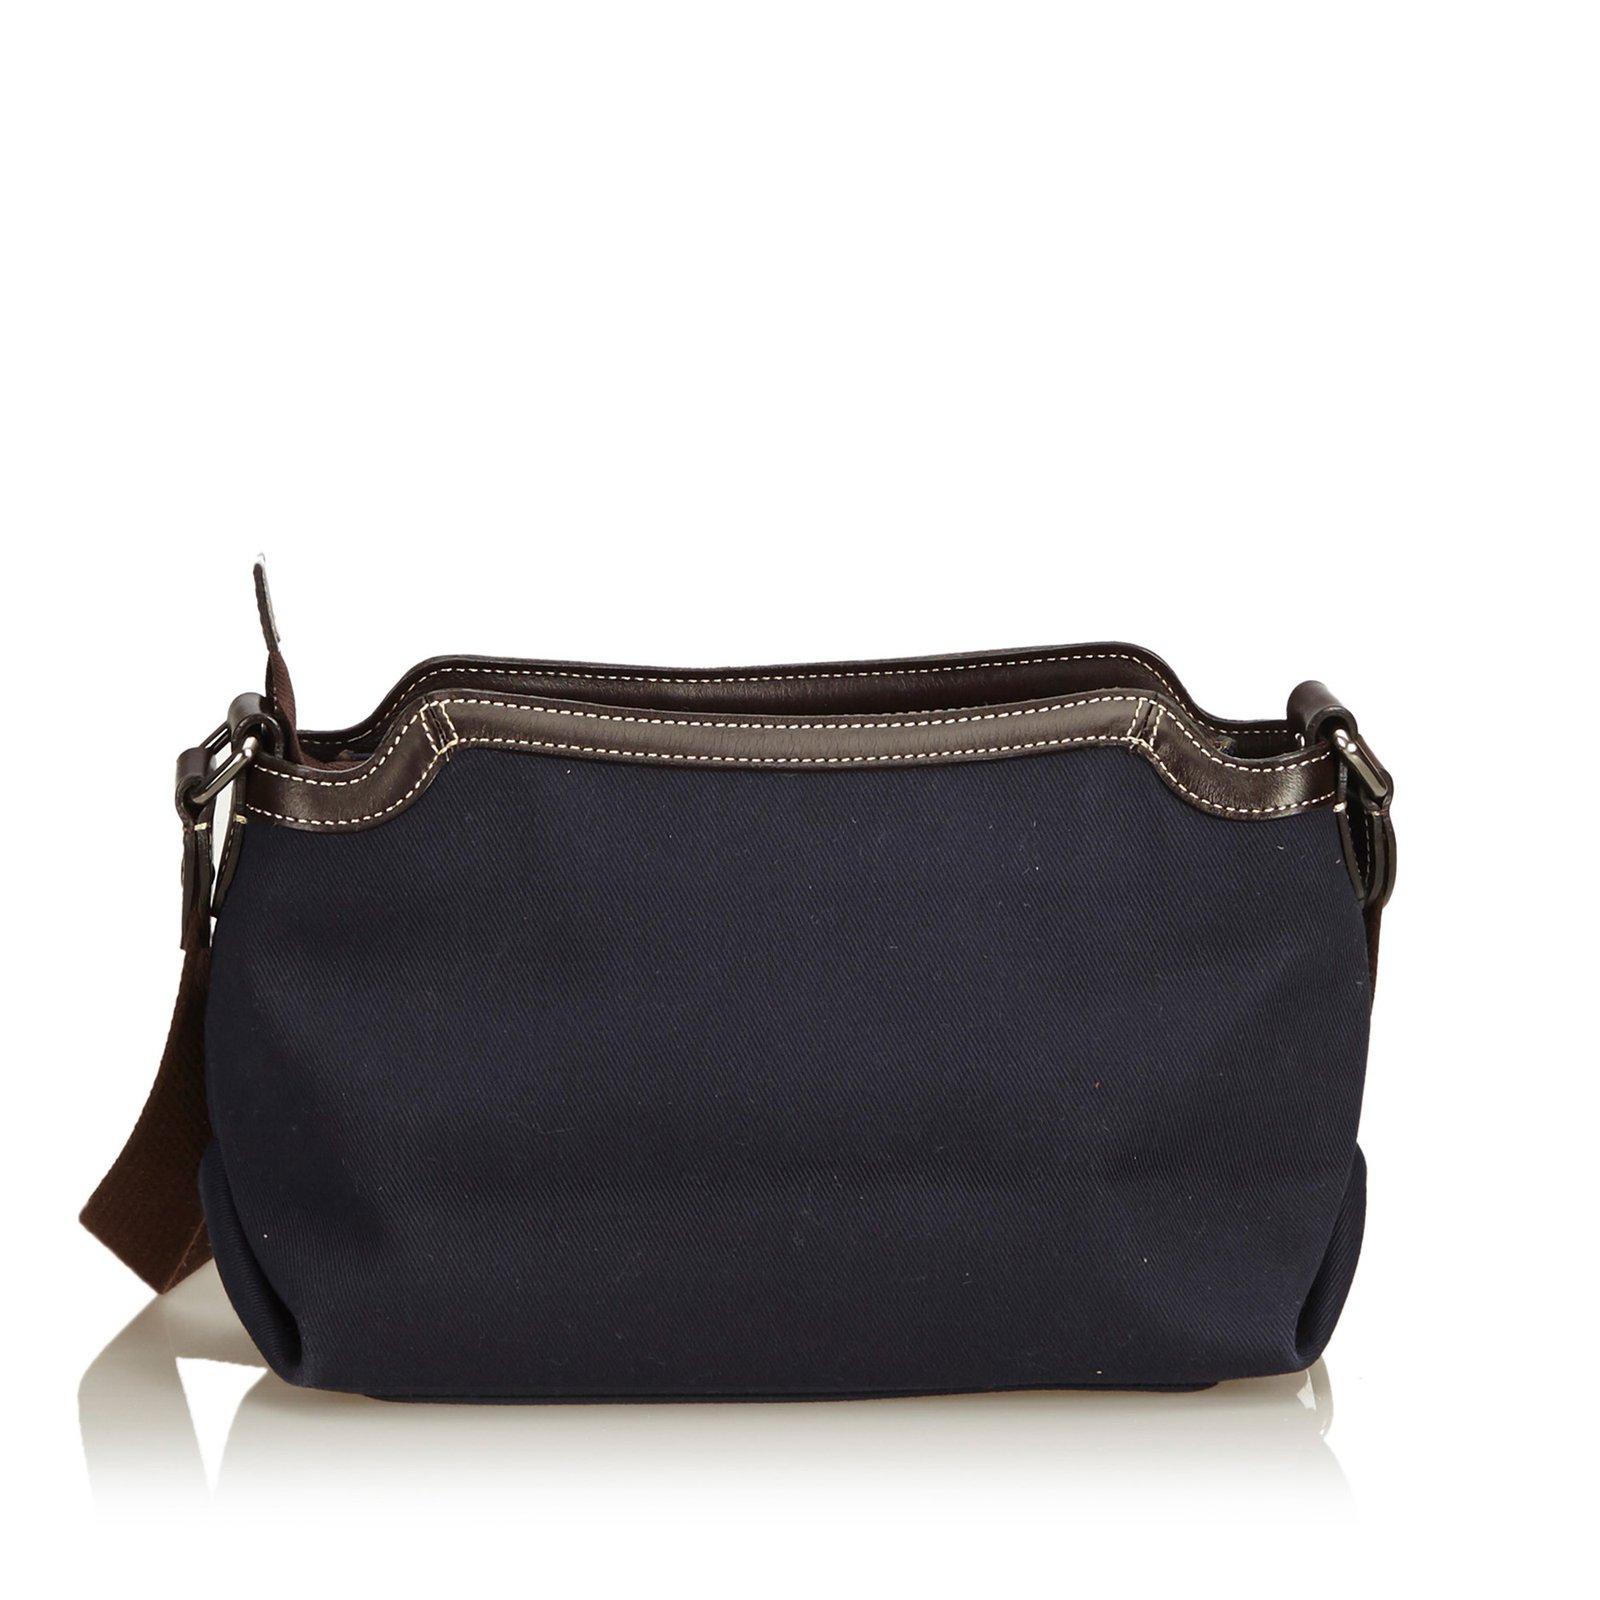 12e4251c42c9 Burberry Canvas Crossbody Bag Handbags Leather